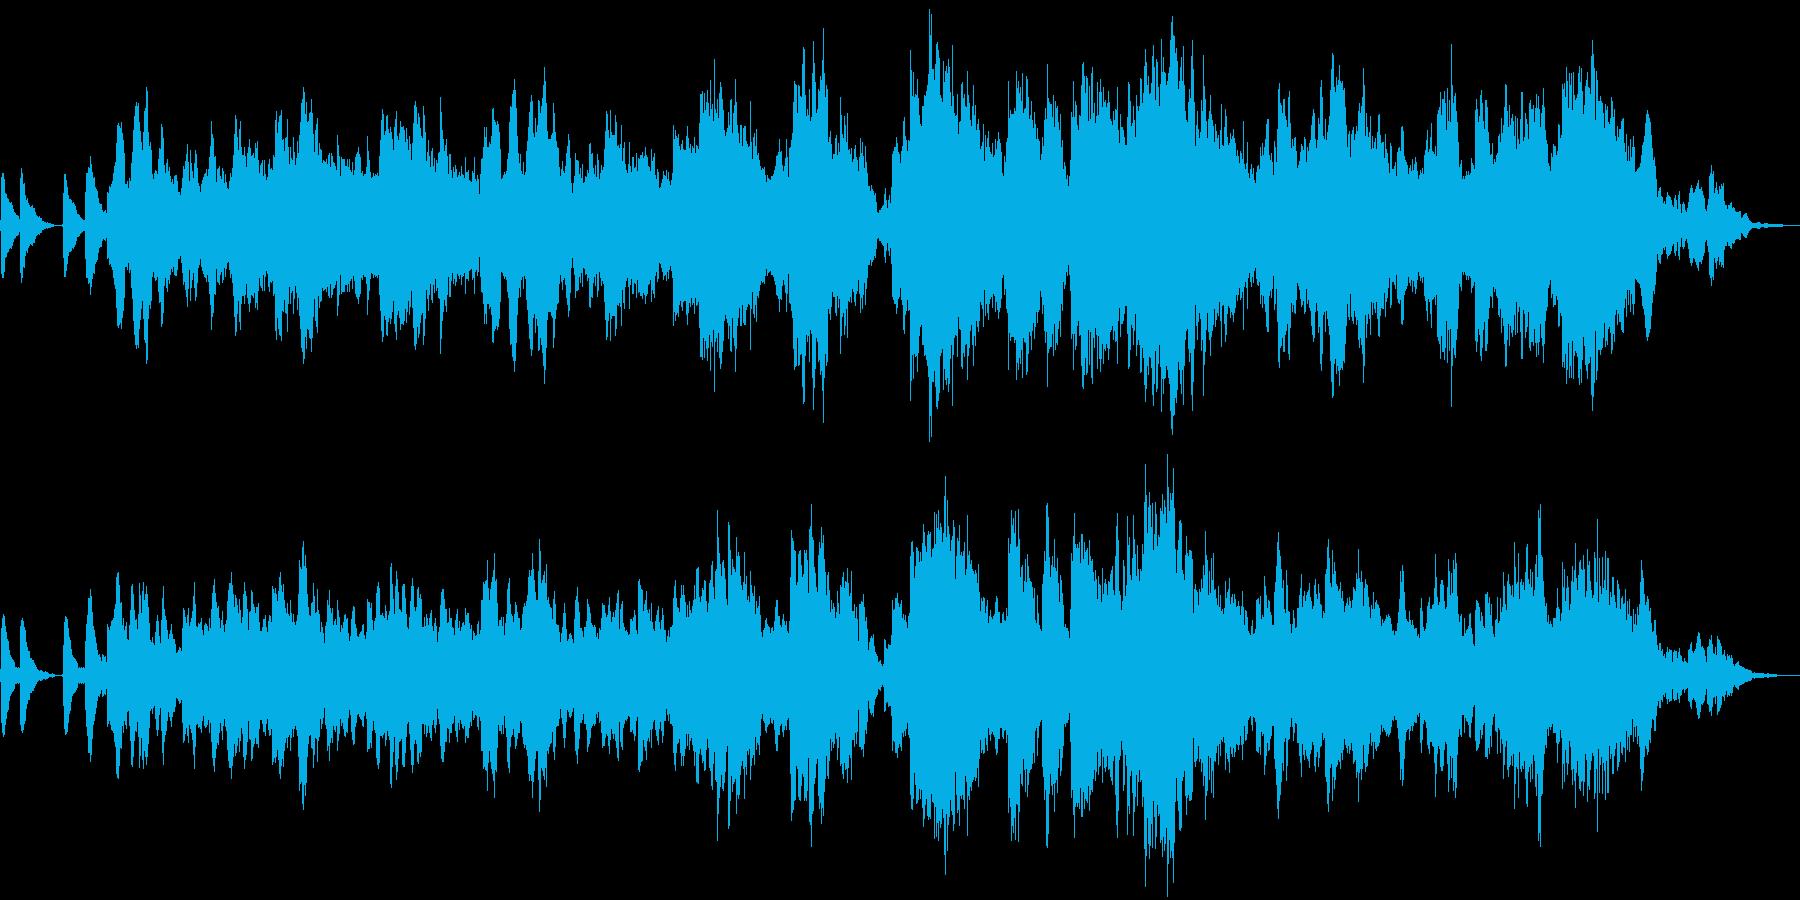 暗くダークでミステリアスなアンビエントの再生済みの波形